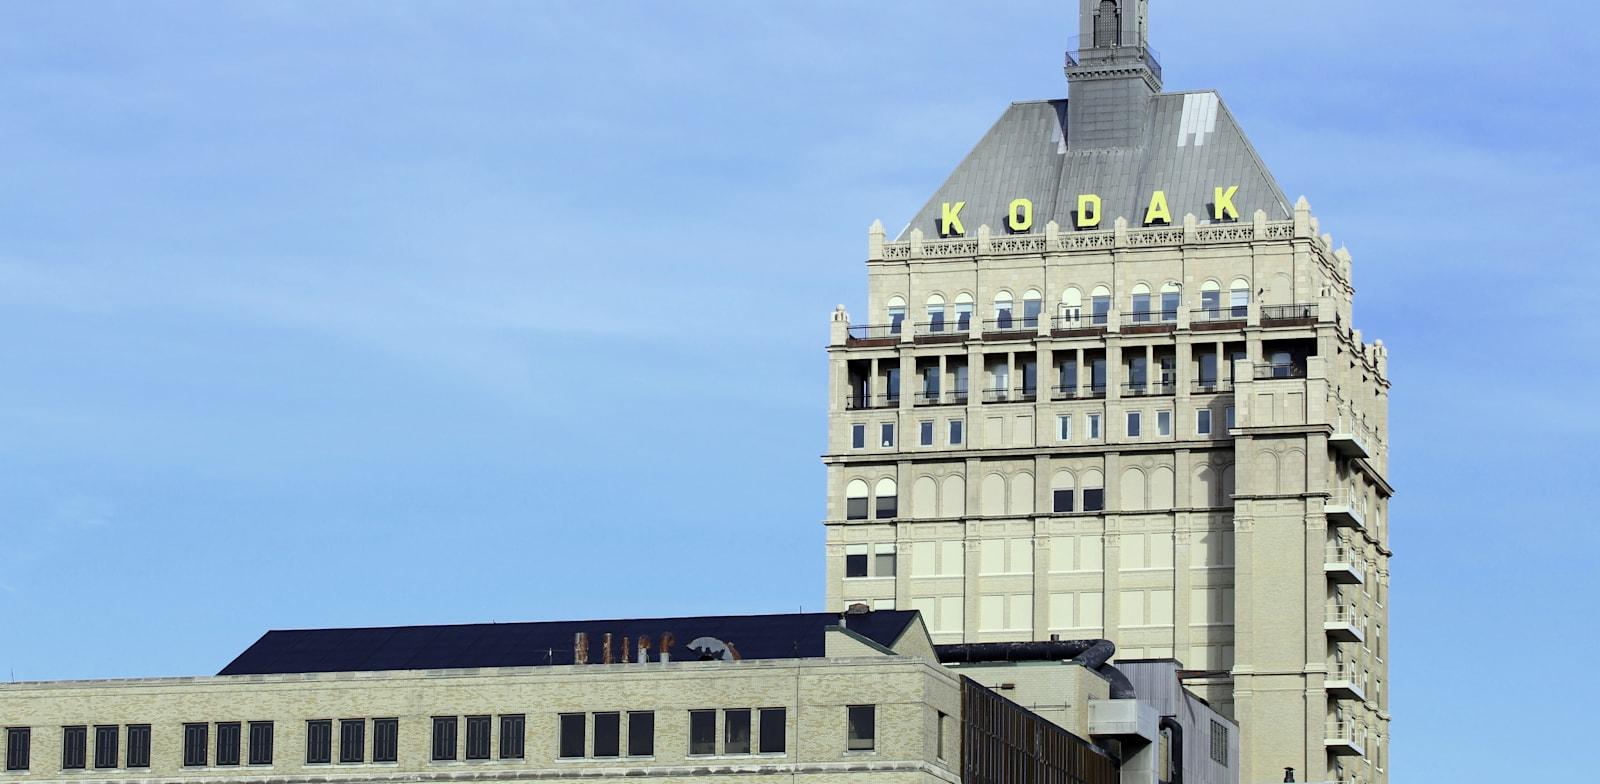 מטה חברת קודאק בניו יורק / צילום: Katherine Welles